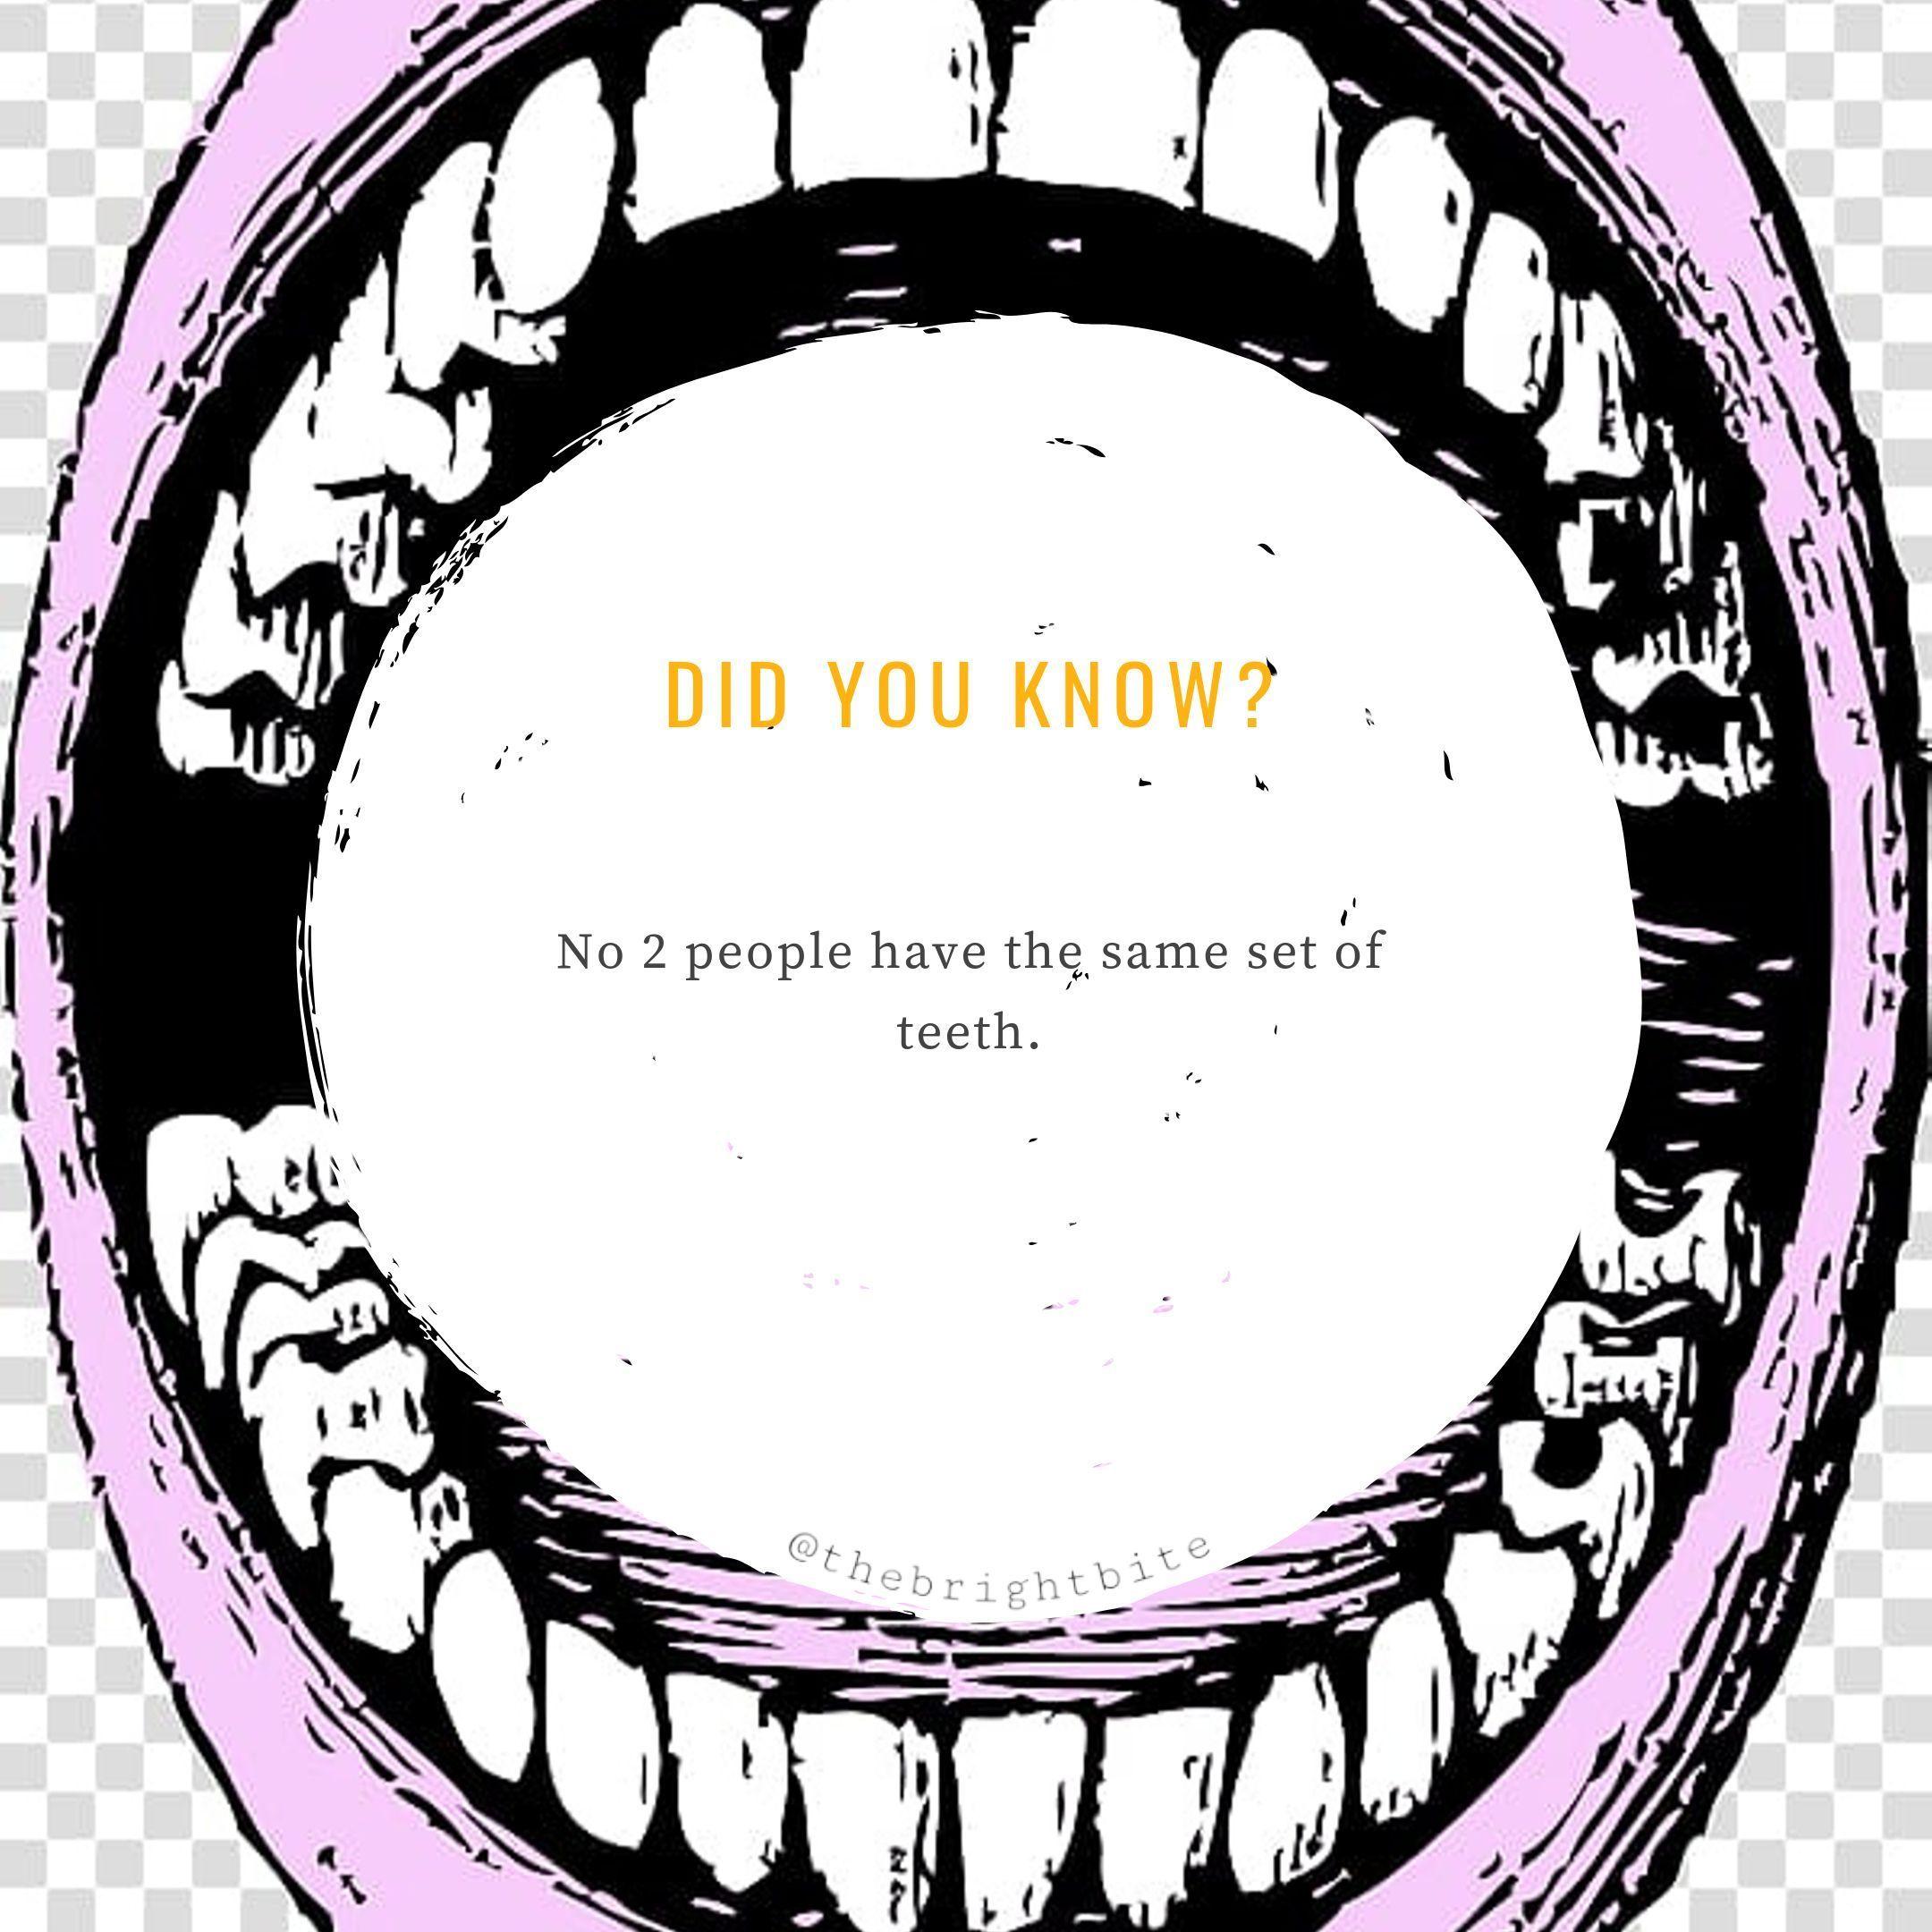 Teeth Are Unique  #dentalfacts #thebrightbite #didyouknow #dentalfacts #funfacts #facts #dentalhygienist #teeth #dentaleducation #dentalfacts Teeth Are Unique  #dentalfacts #thebrightbite #didyouknow #dentalfacts #funfacts #facts #dentalhygienist #teeth #dentaleducation #dentalfacts